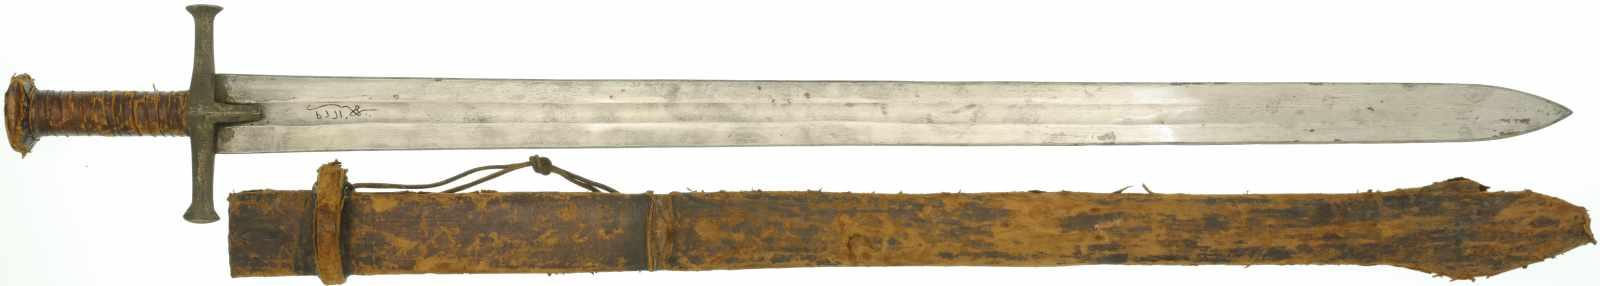 Auktionshaus Kessler | 45. Ostschweizer Waffen Auktion von